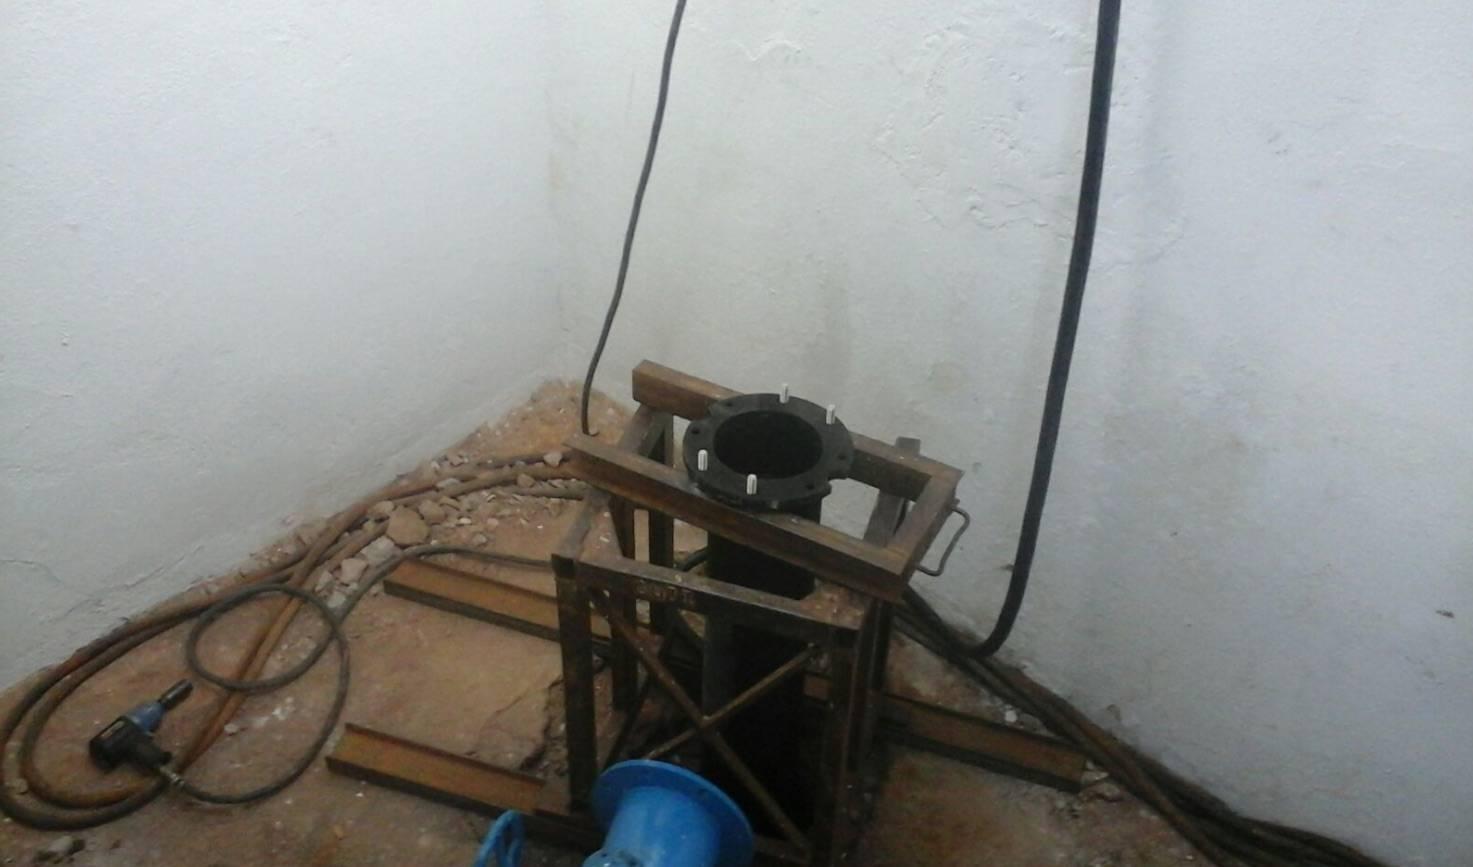 instalando bomba de captacion de palancas - Instalación de segunda bomba de agua para garantizar suministro local